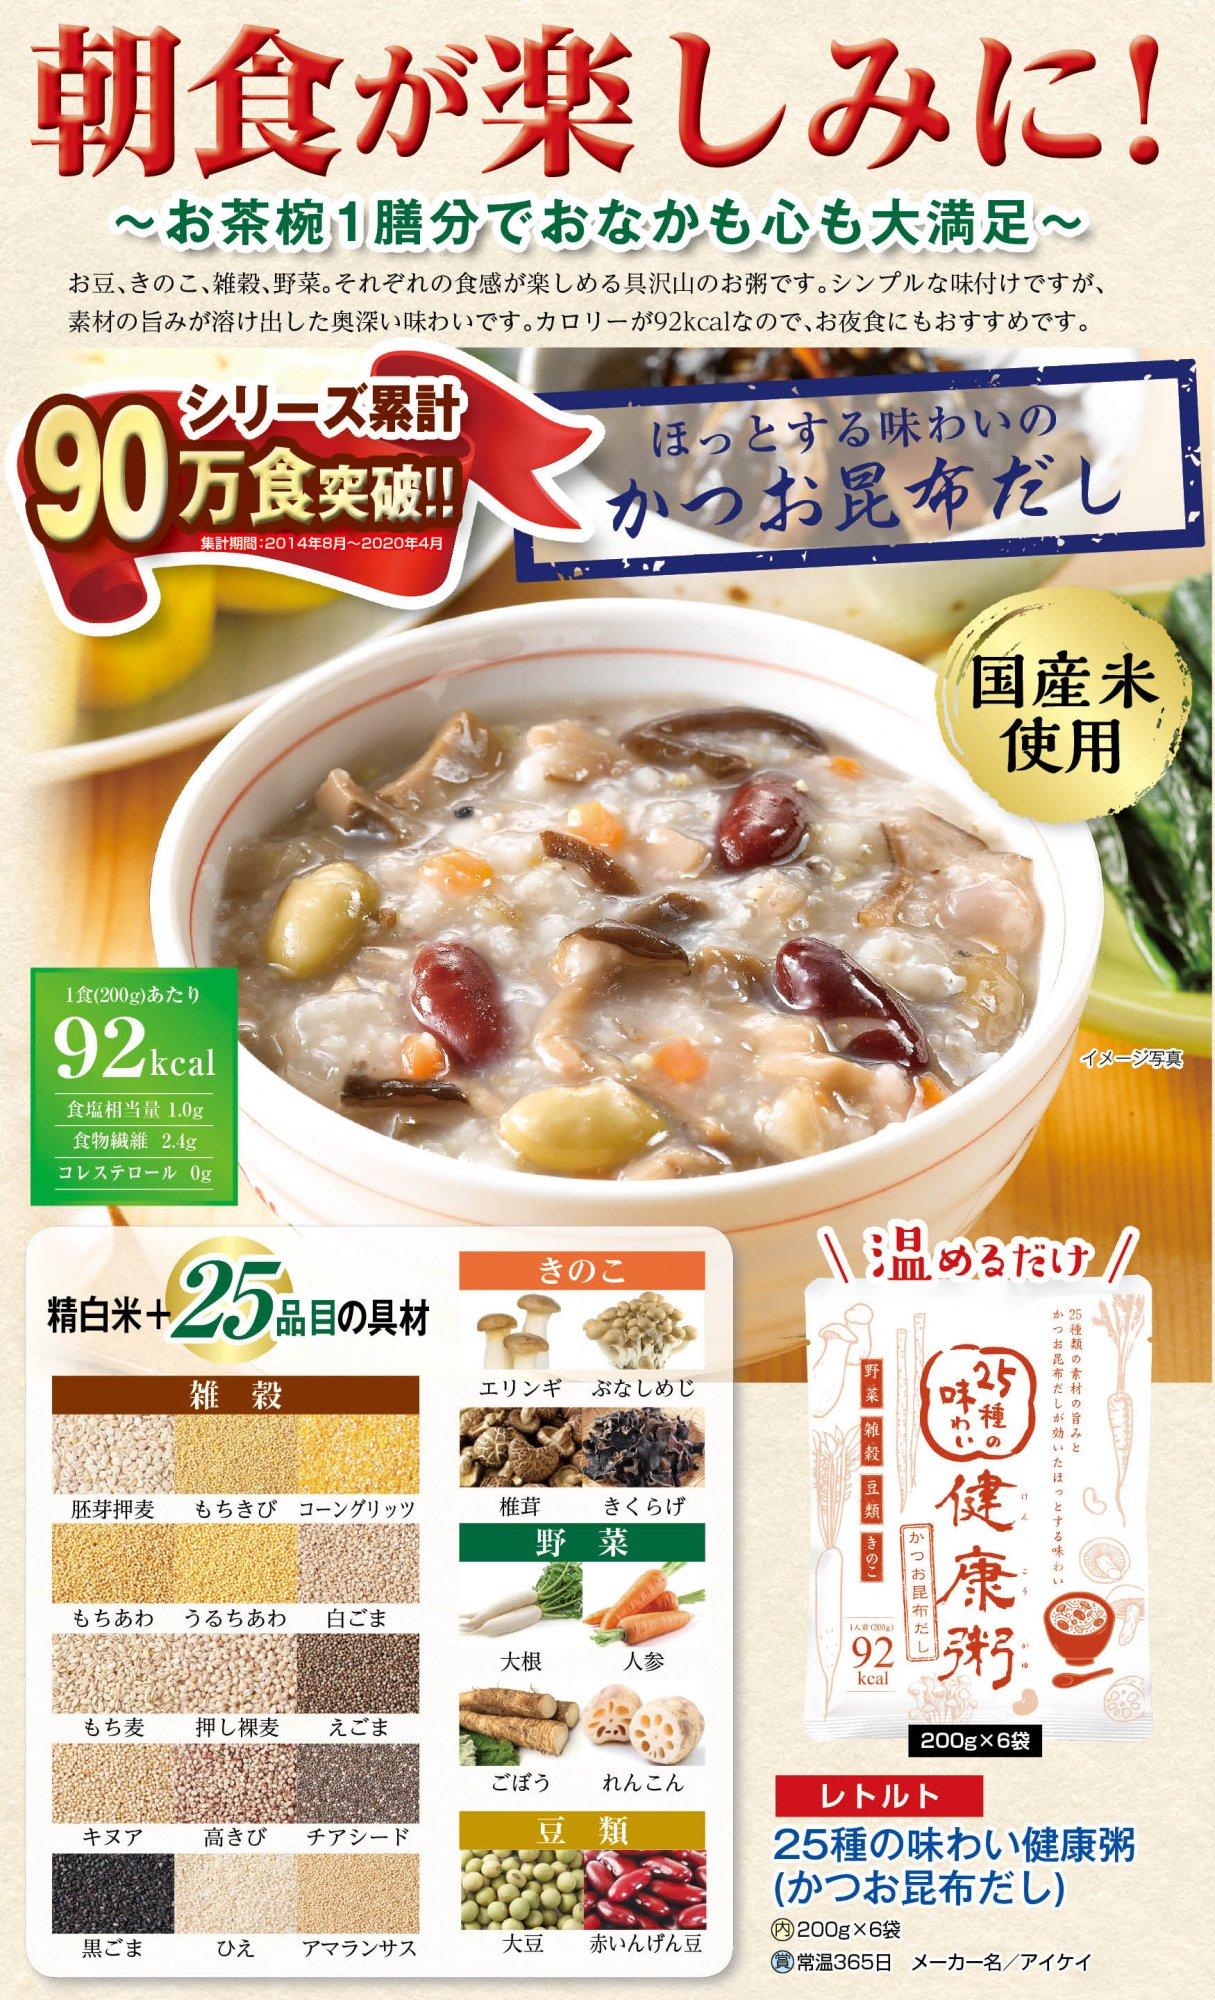 25種の味わい健康粥(かつお昆布だし)200g×6袋